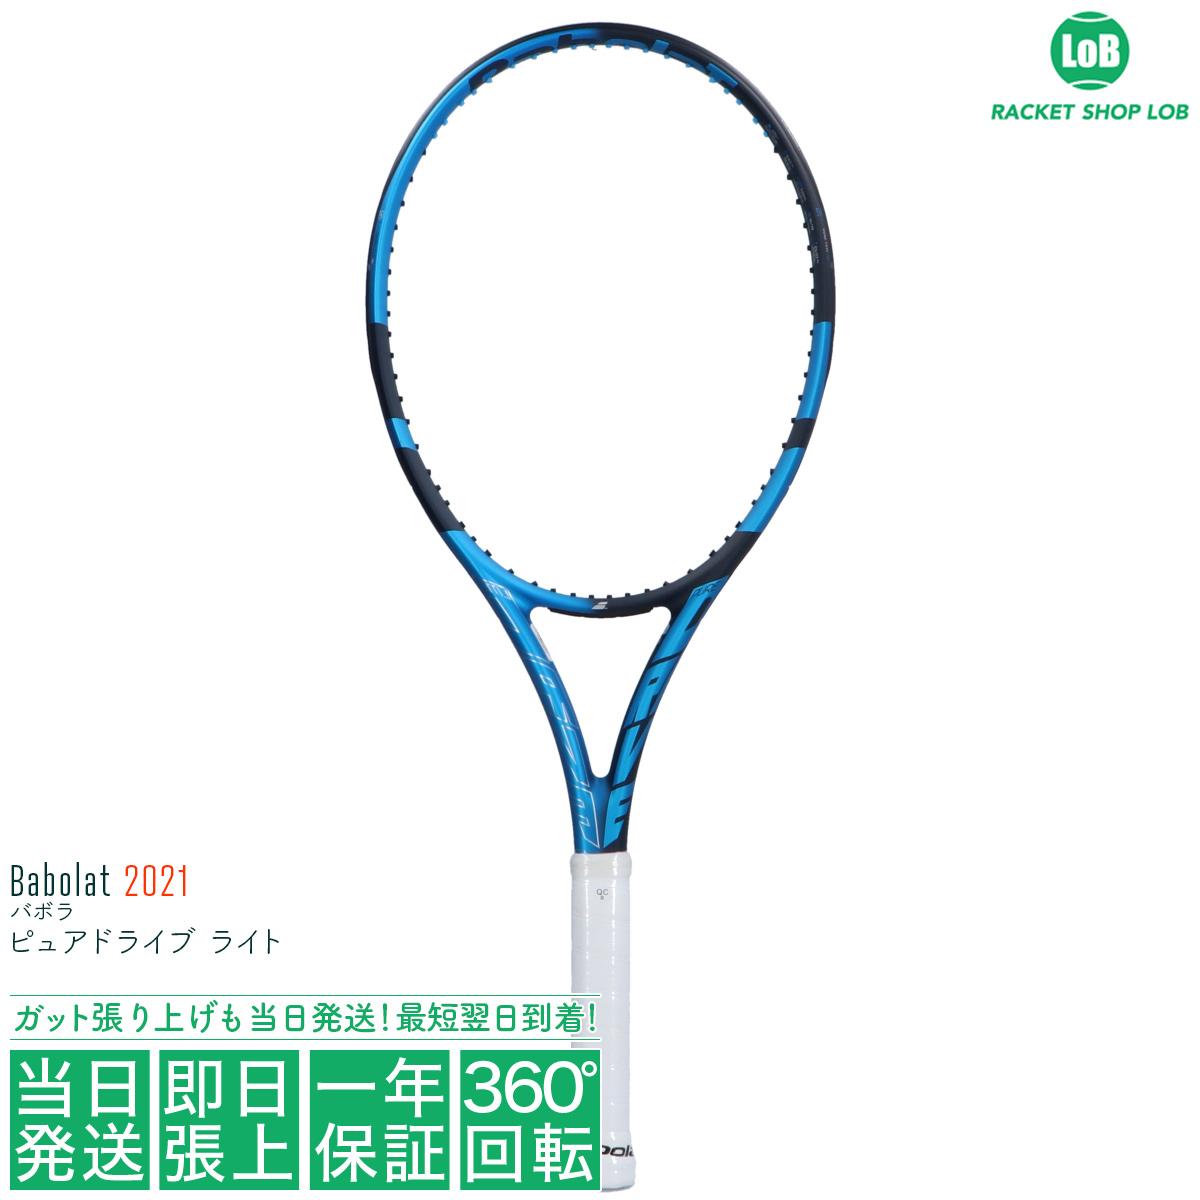 13時までのご注文で、ガット張り込みも即日当日発送!【全ラケット一年保証・スペック計測対応・代引手数料無料】【Babolat】【硬式テニスラケット】 バボラ ピュアドライブ ライト 2021(BabolaT PURE DRIVE LITE 2021)270g 101443 硬式テニスラケット